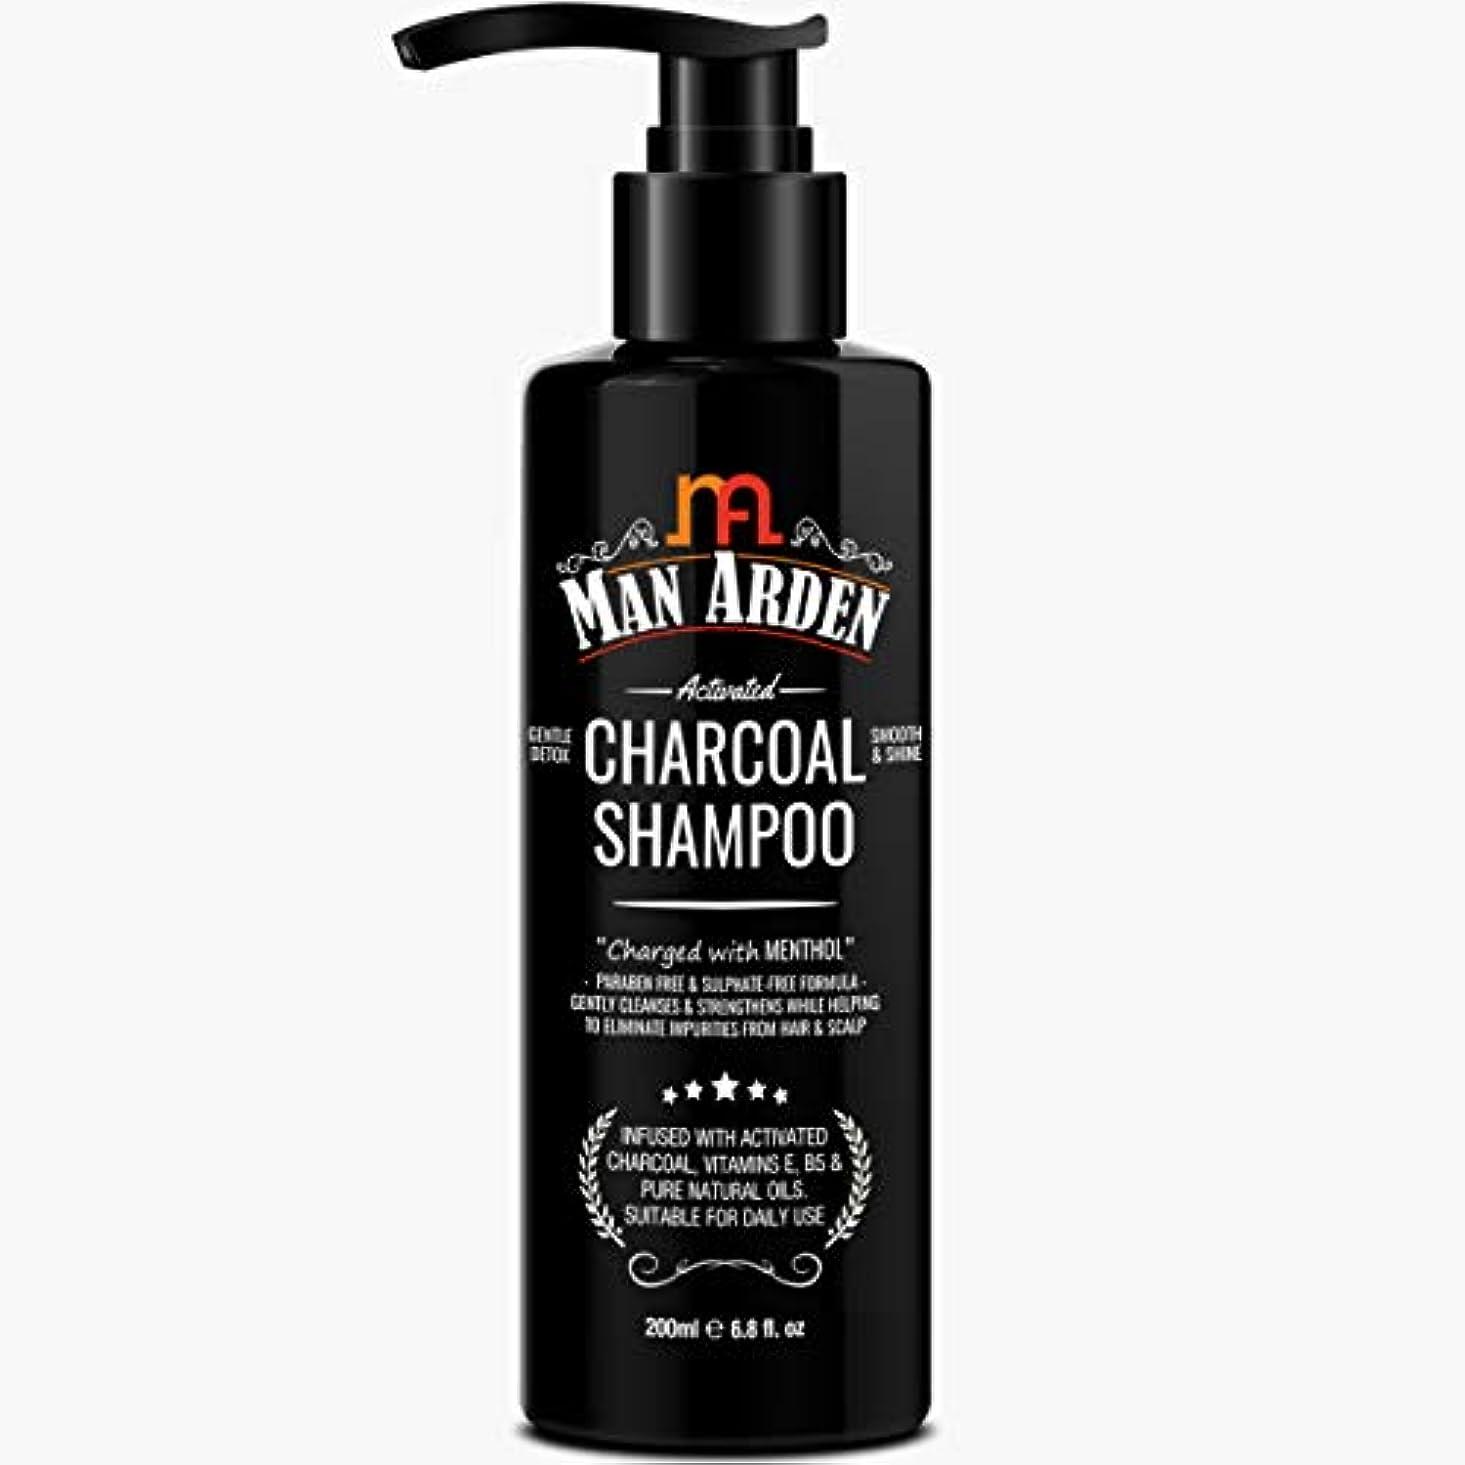 飛行機実質的ほうきMan Arden Activated Charcoal Shampoo With Menthol (No Sulphate, Paraben or Silicon), 200ml - Daily Clarifying...